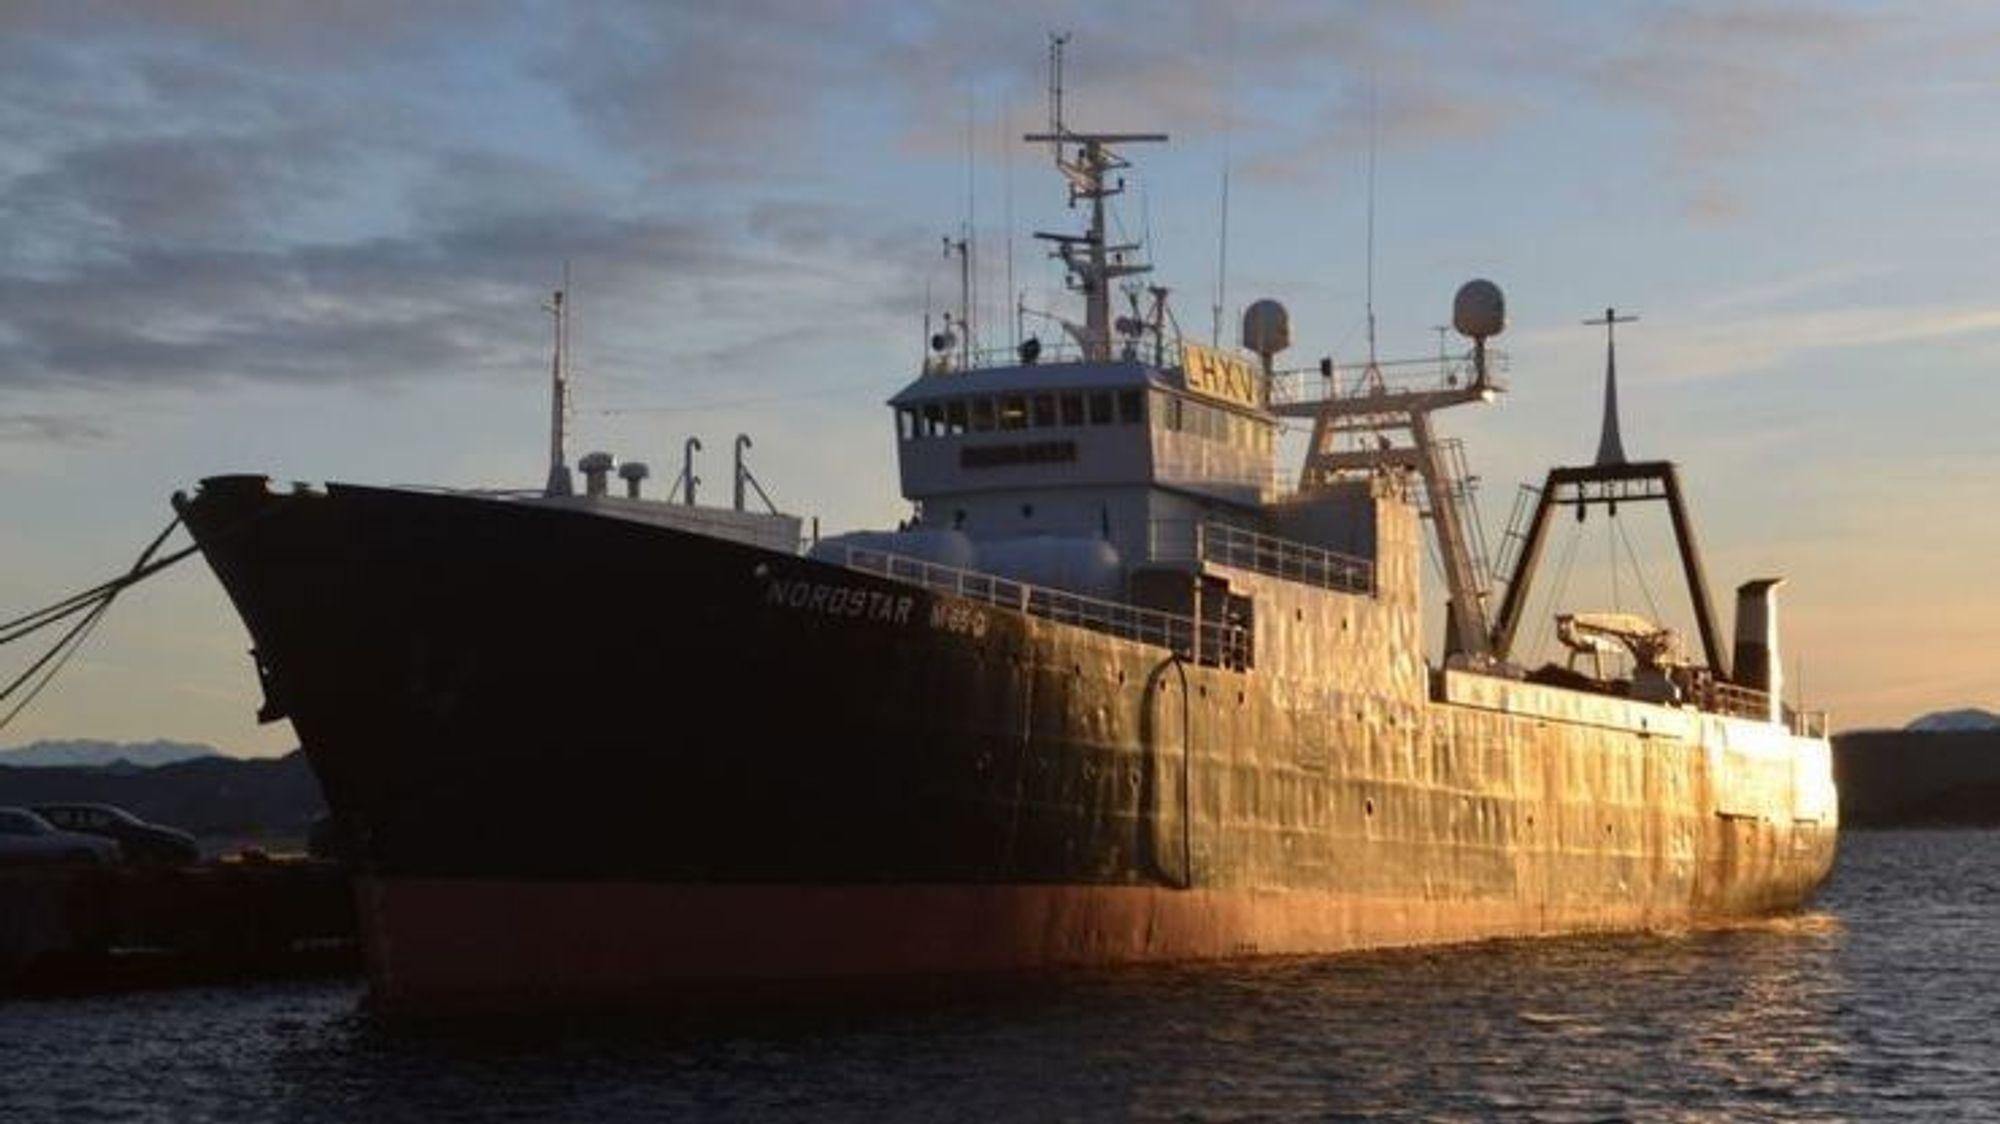 Rederiet er dømt til å betale 700.000 kroner i bot etter en ulykke på Nordstar.